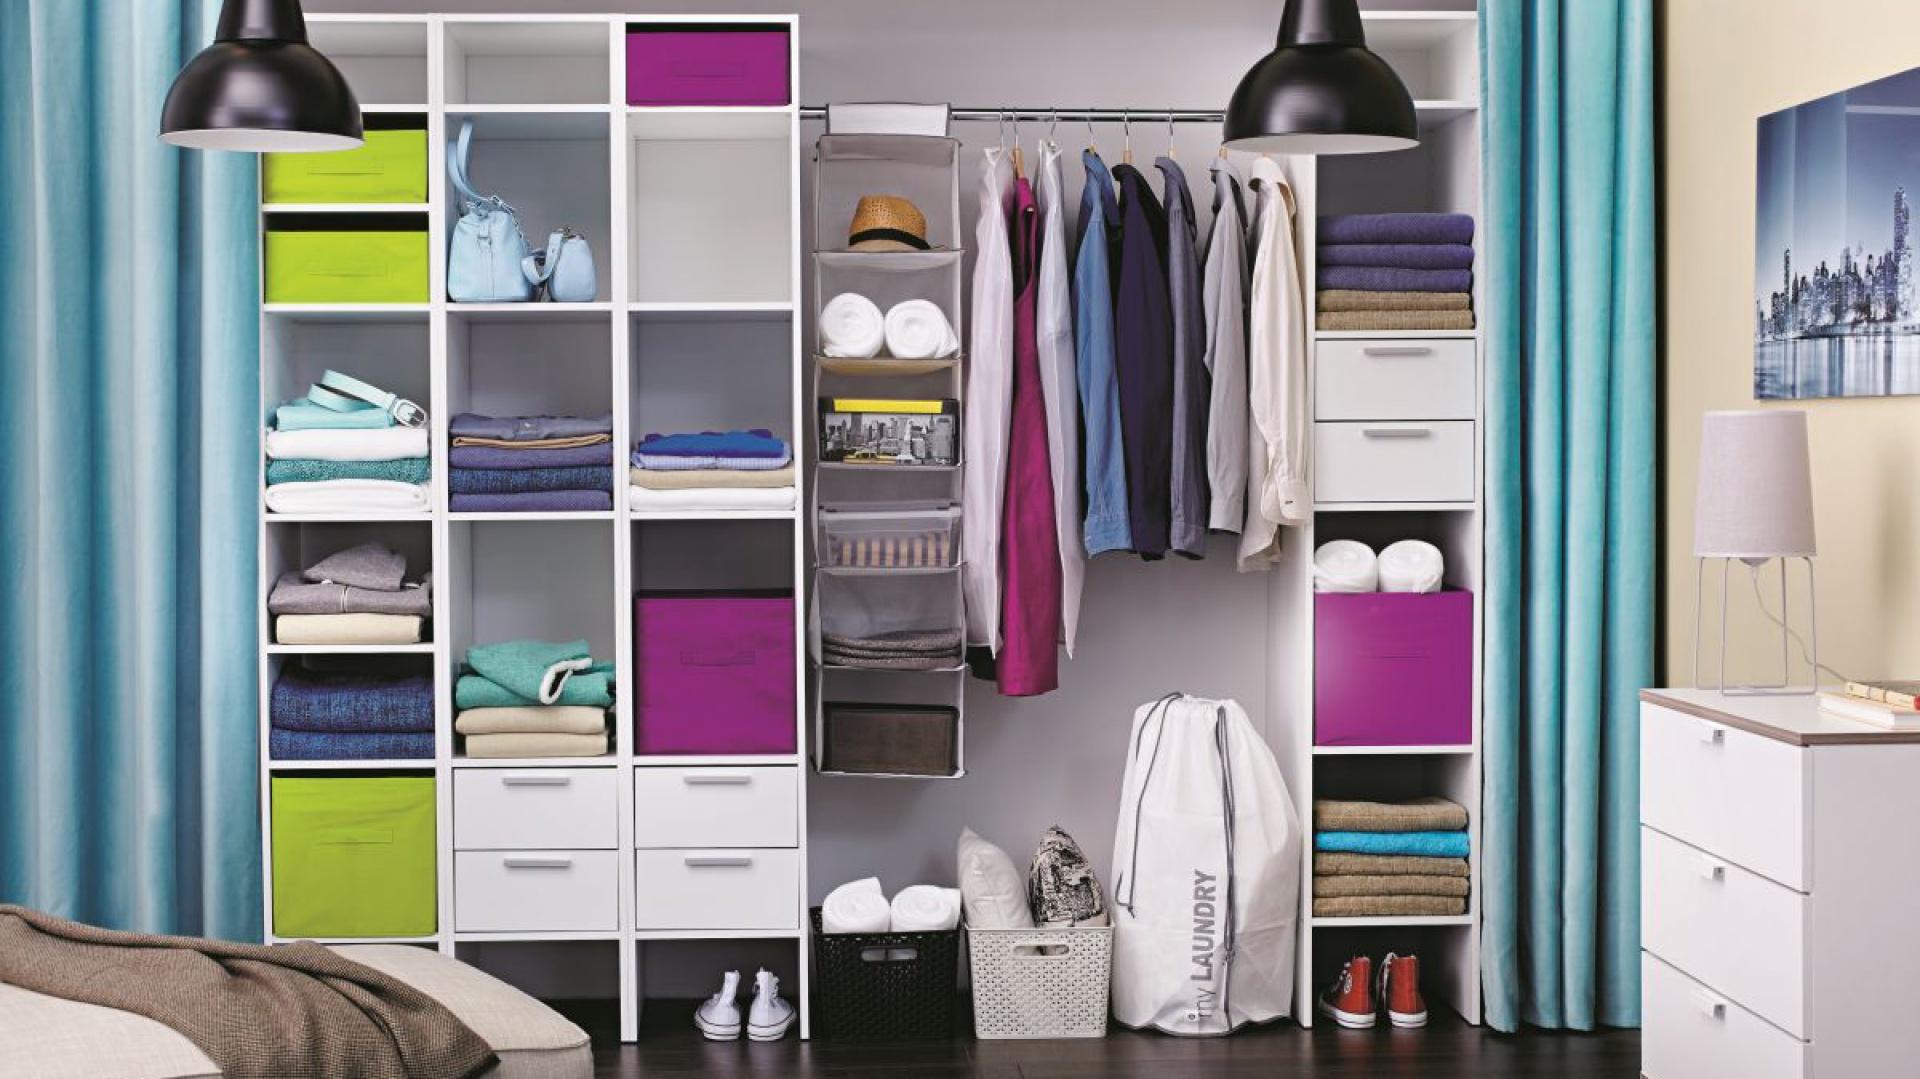 Garderoba W Sypialni Tak Możesz Ją Urządzić